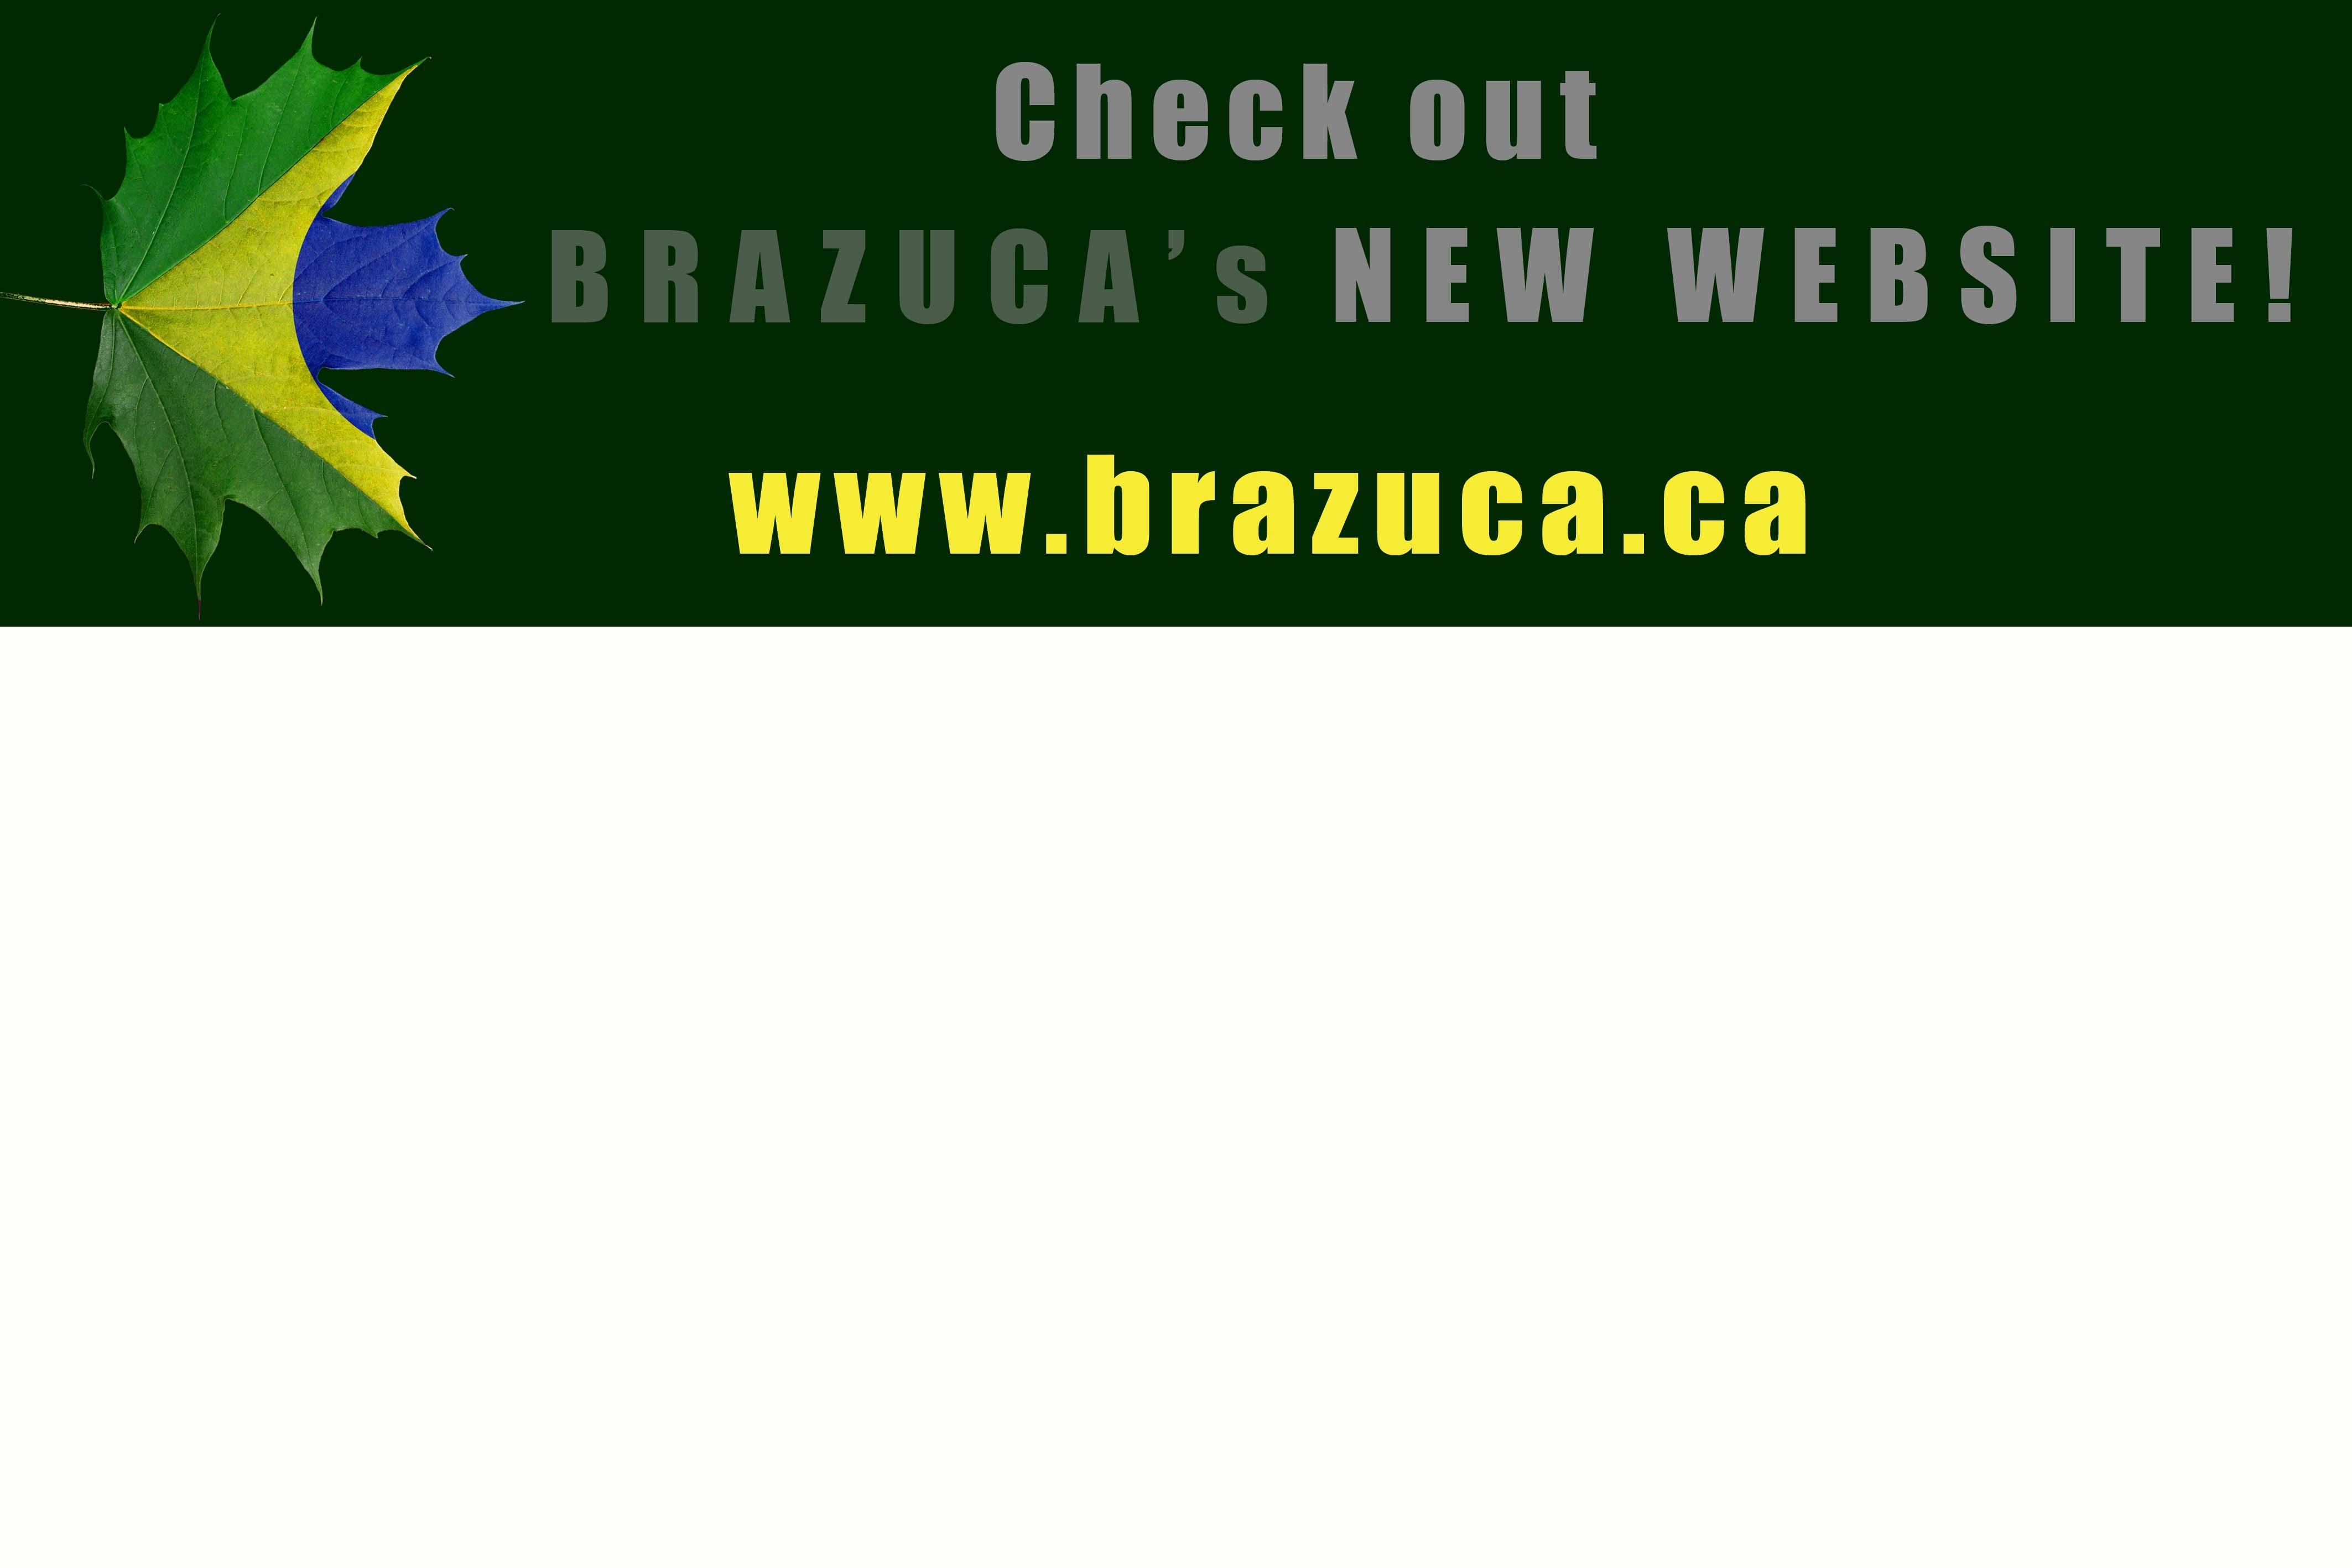 brazuca-logo-new-website2